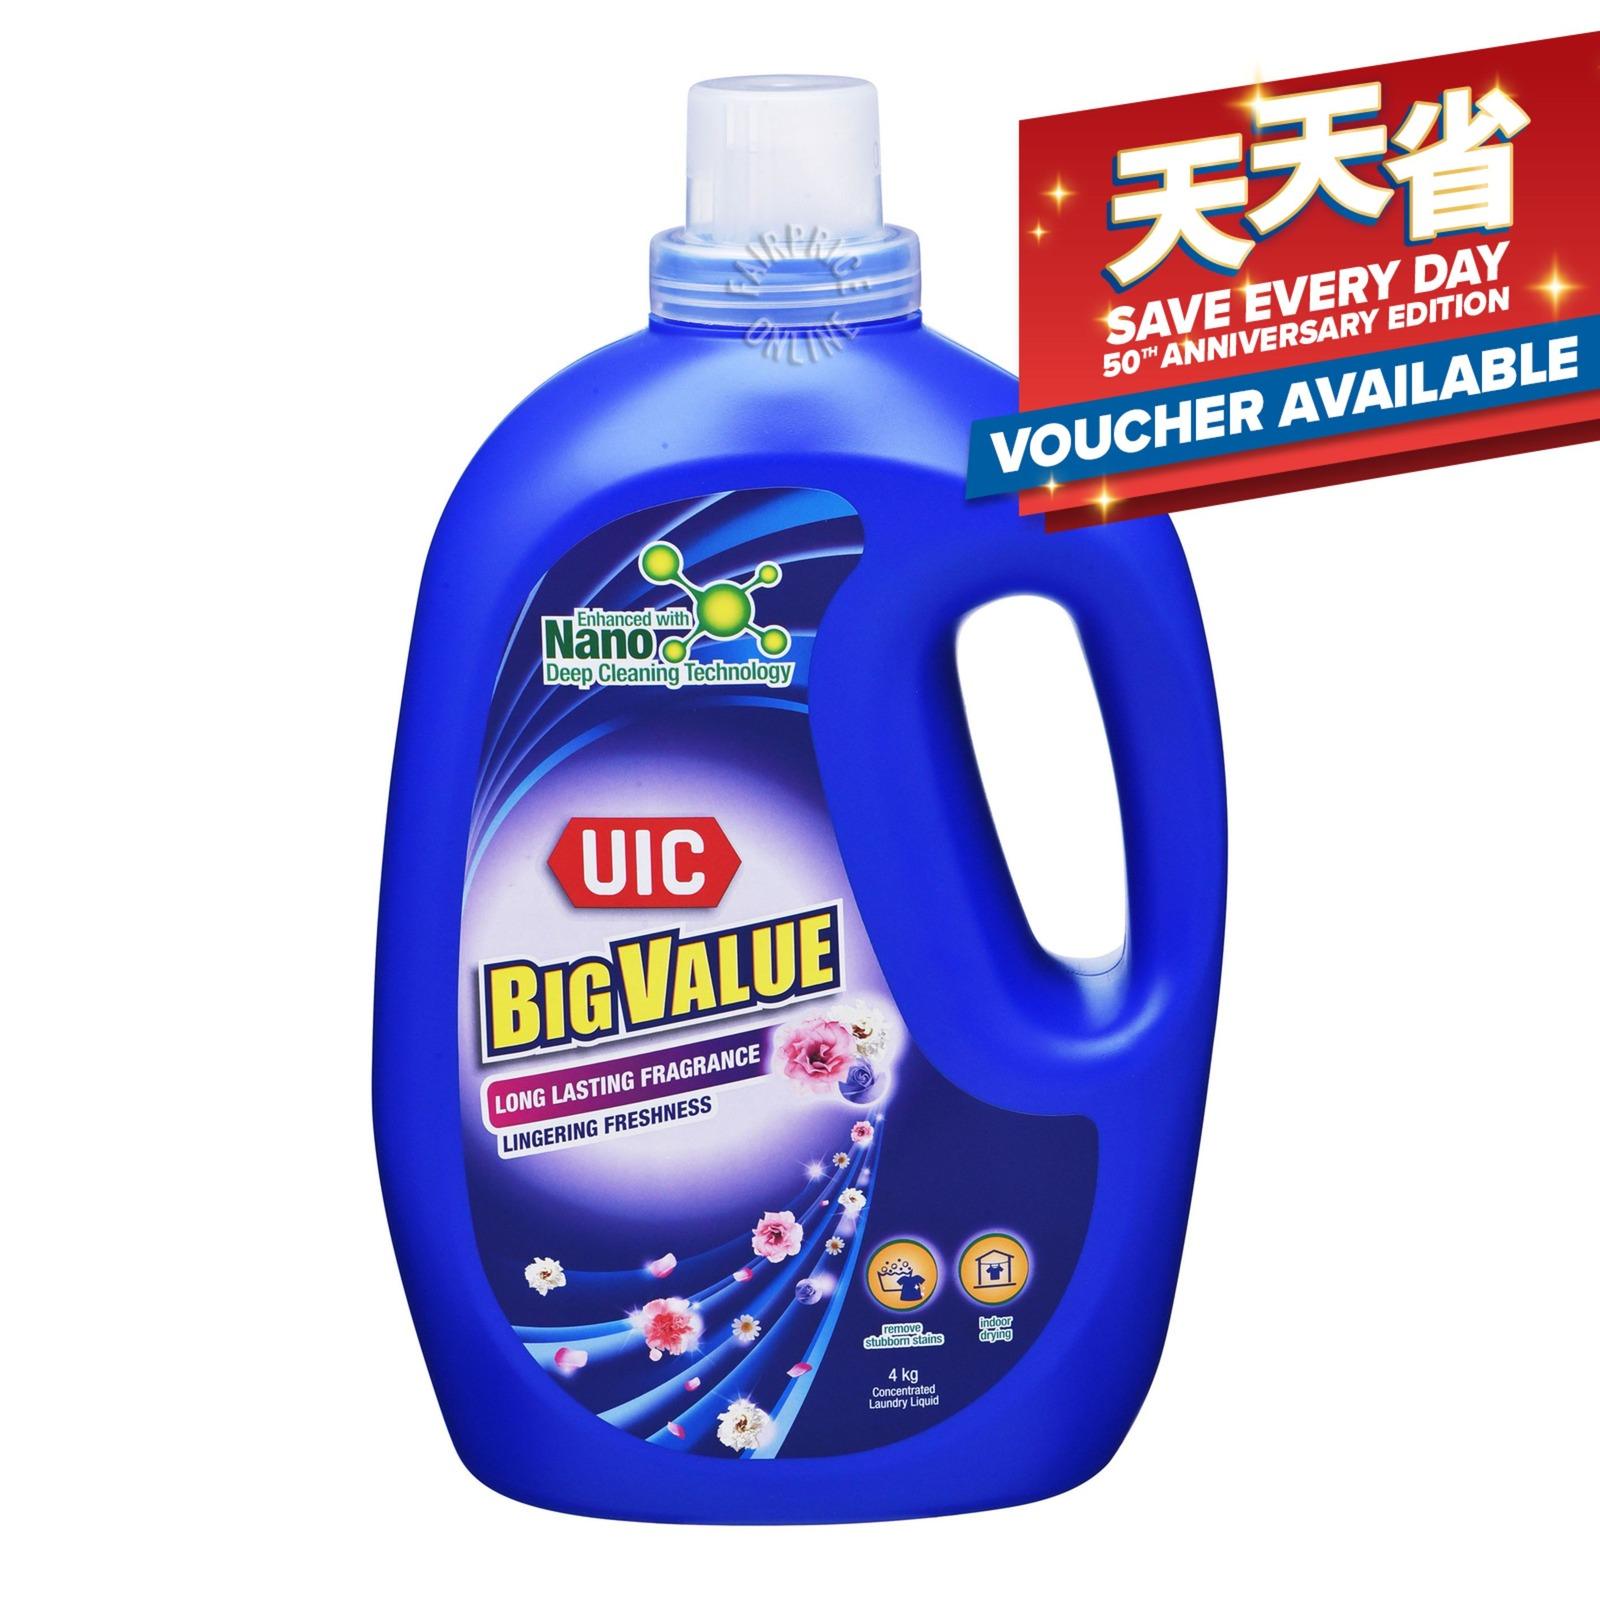 UIC Big Value Liquid Detergent - Floral